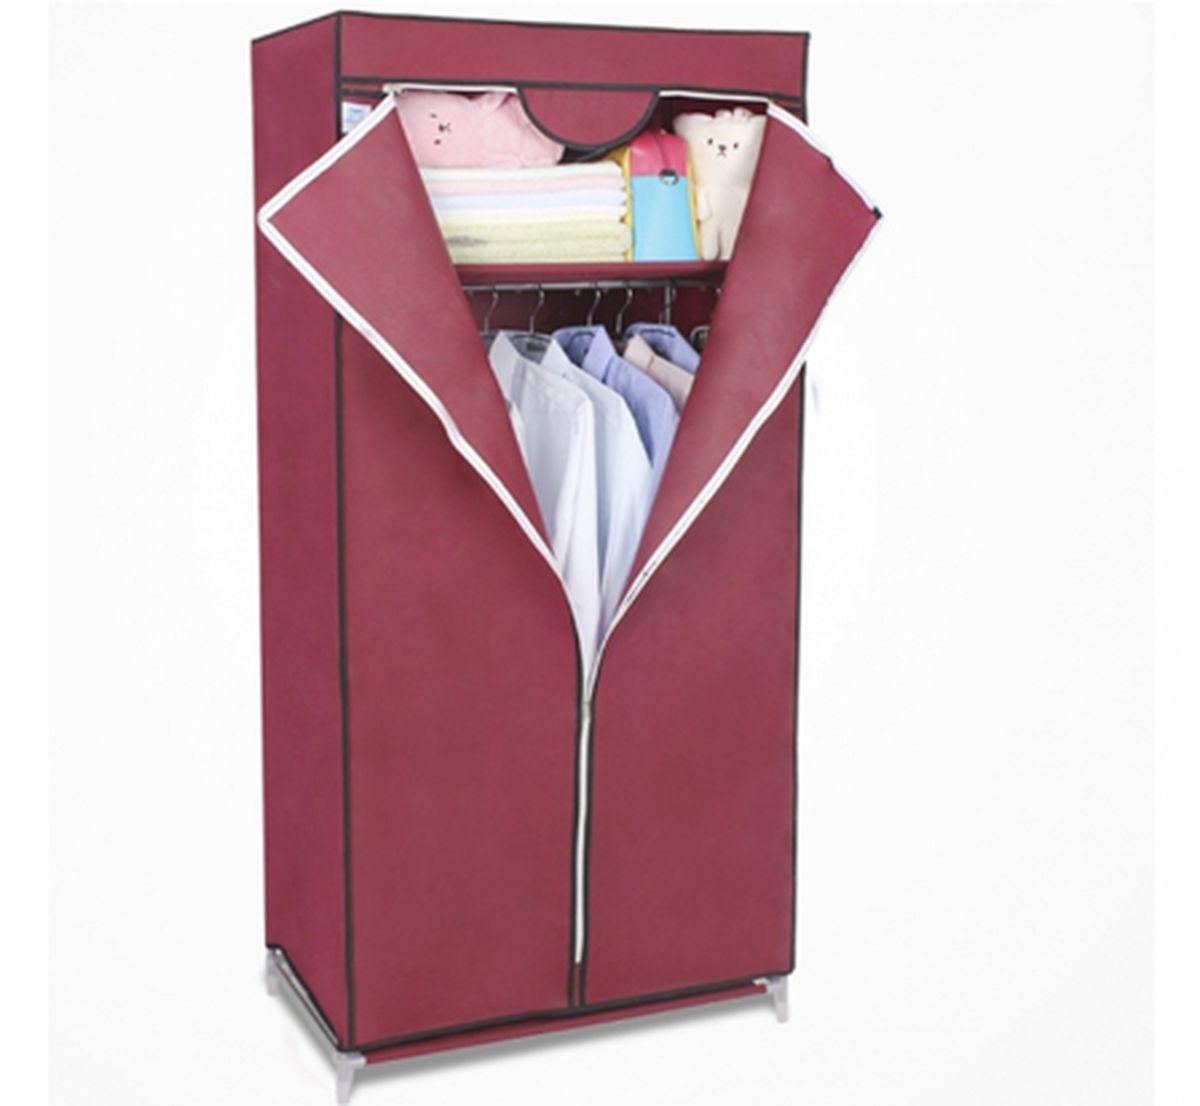 Шкаф Homsu Кармэн, цвет: бордовый, 68 x 45 x 155 см1004900000360Шкаф Homsu Кармэн выполнен из текстиля. Сборная конструкция такого шкафа состоит из металлических деталей каркаса, обтянутых сверху прочной и легкой тканью. Этот шкаф предназначен в создании полноценного порядка. Изделие имеет удобную полку для складывания одежды 65 х 45 см и перекладину той же ширины для подвешивания курток, пальто, рубашек, свитеров и других вещей. Кроме своей большой практичной пользы, данный мебельный предмет также сможет очень выгодно дополнить имеющийся интерьер в помещении. Верхняя тканевая обивка, при этом, всегда может быть легко и быстро снята, если ее необходимо будет постирать или заменить.